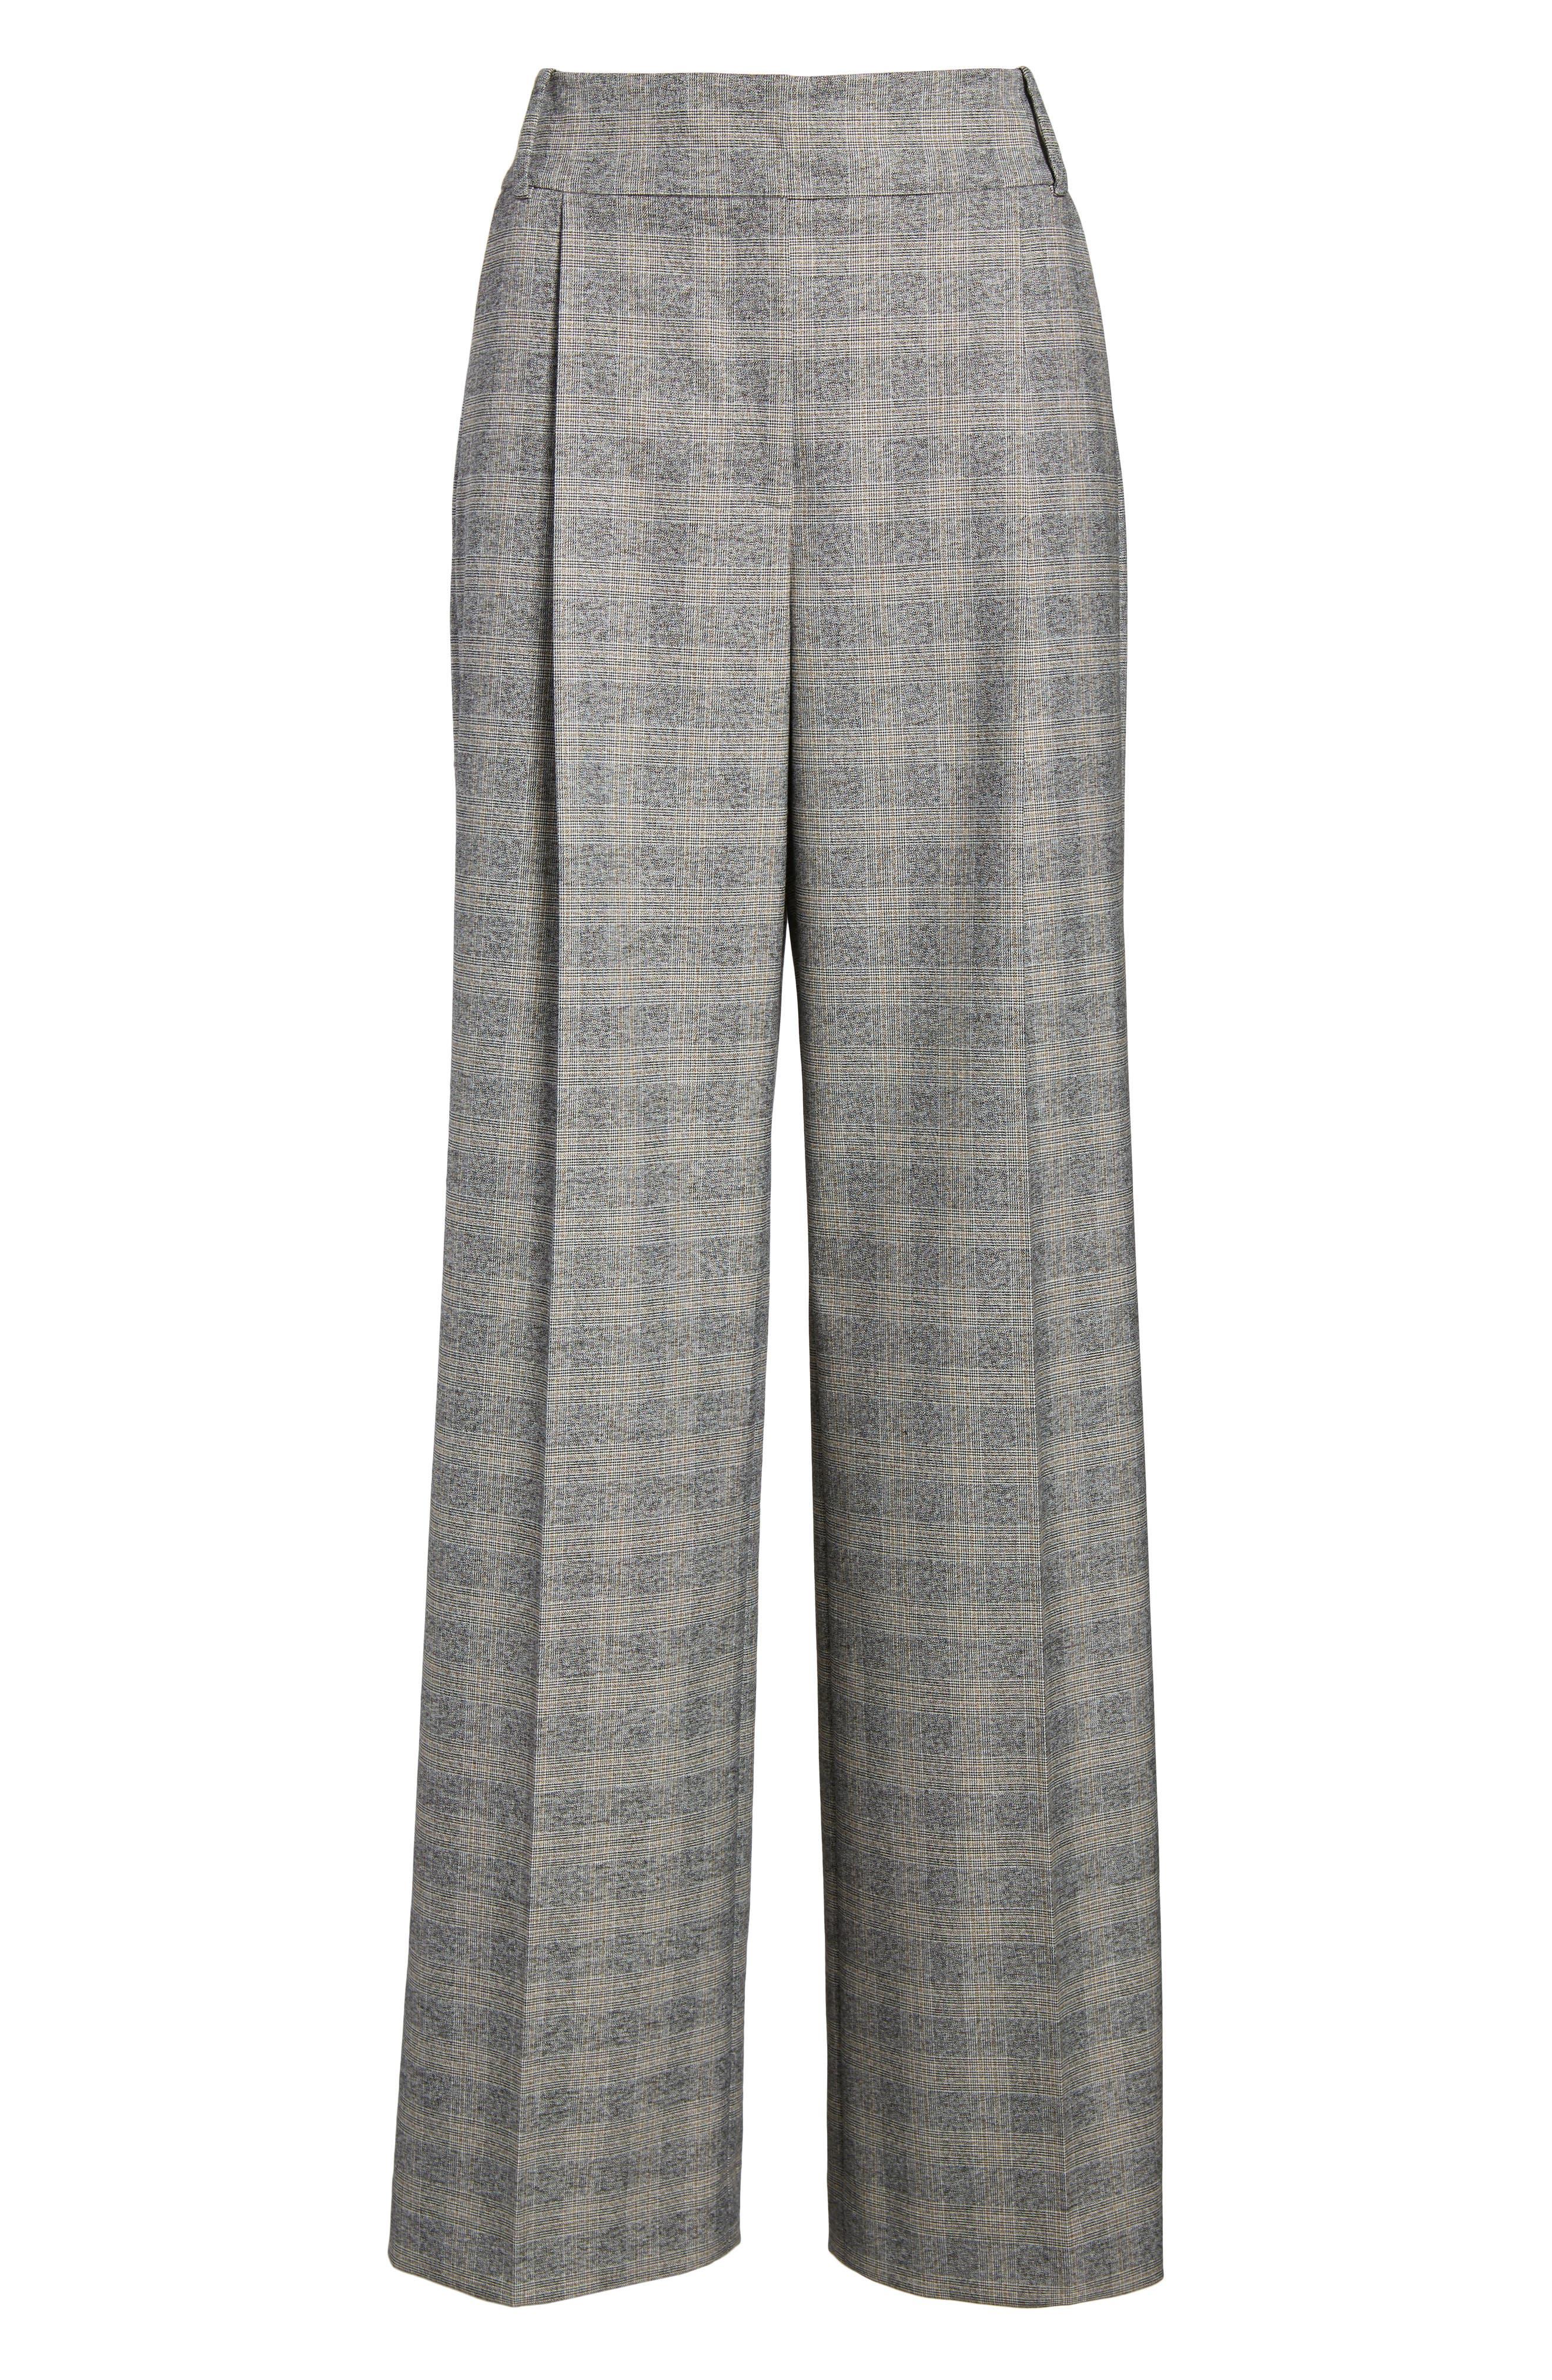 Check Plaid Wide Leg Suit Pants,                             Alternate thumbnail 6, color,                             Grey Check